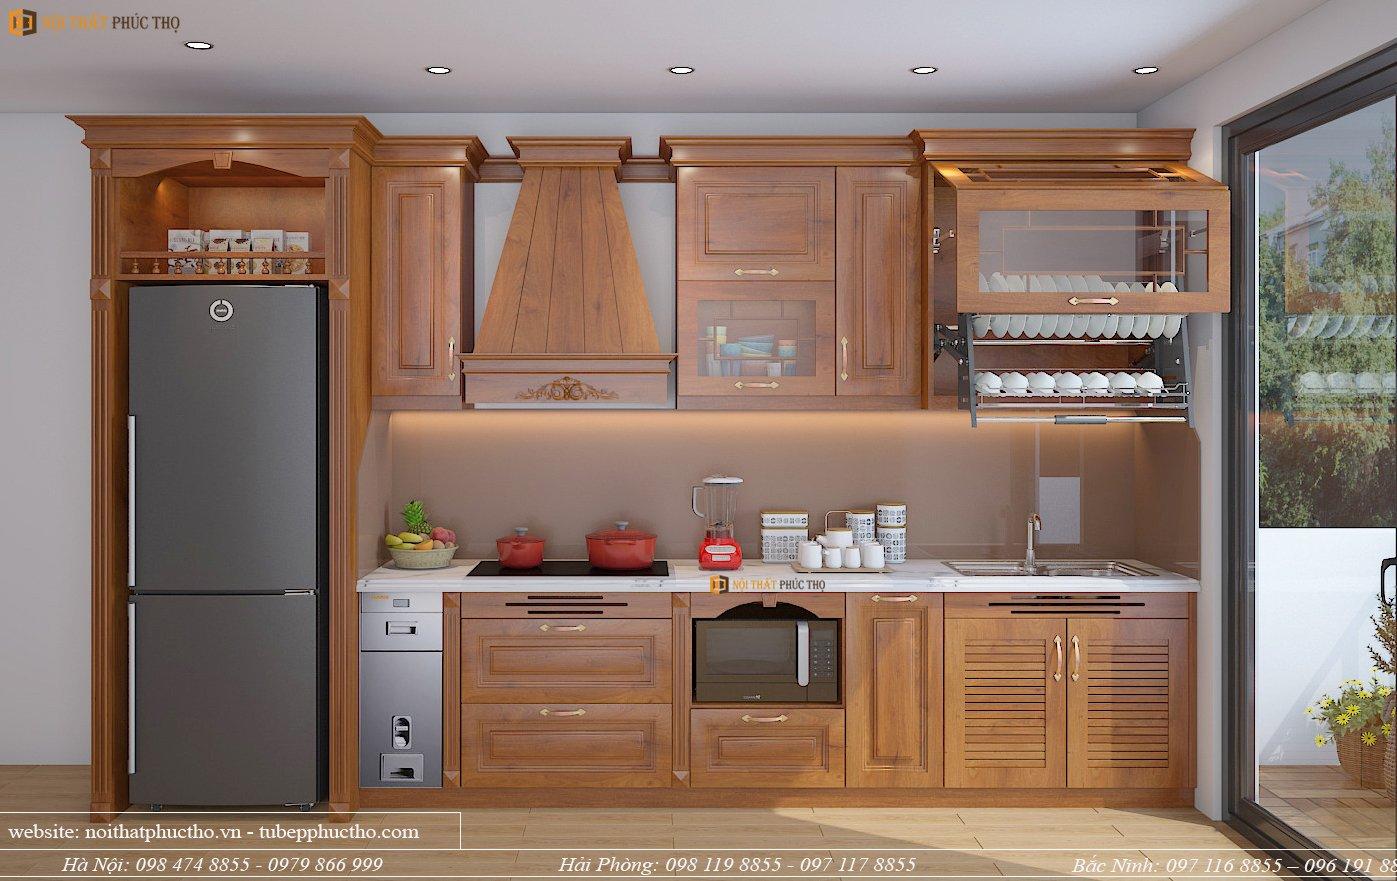 mẫu tủ bếp gỗ sồi nga giả tân cổ điển